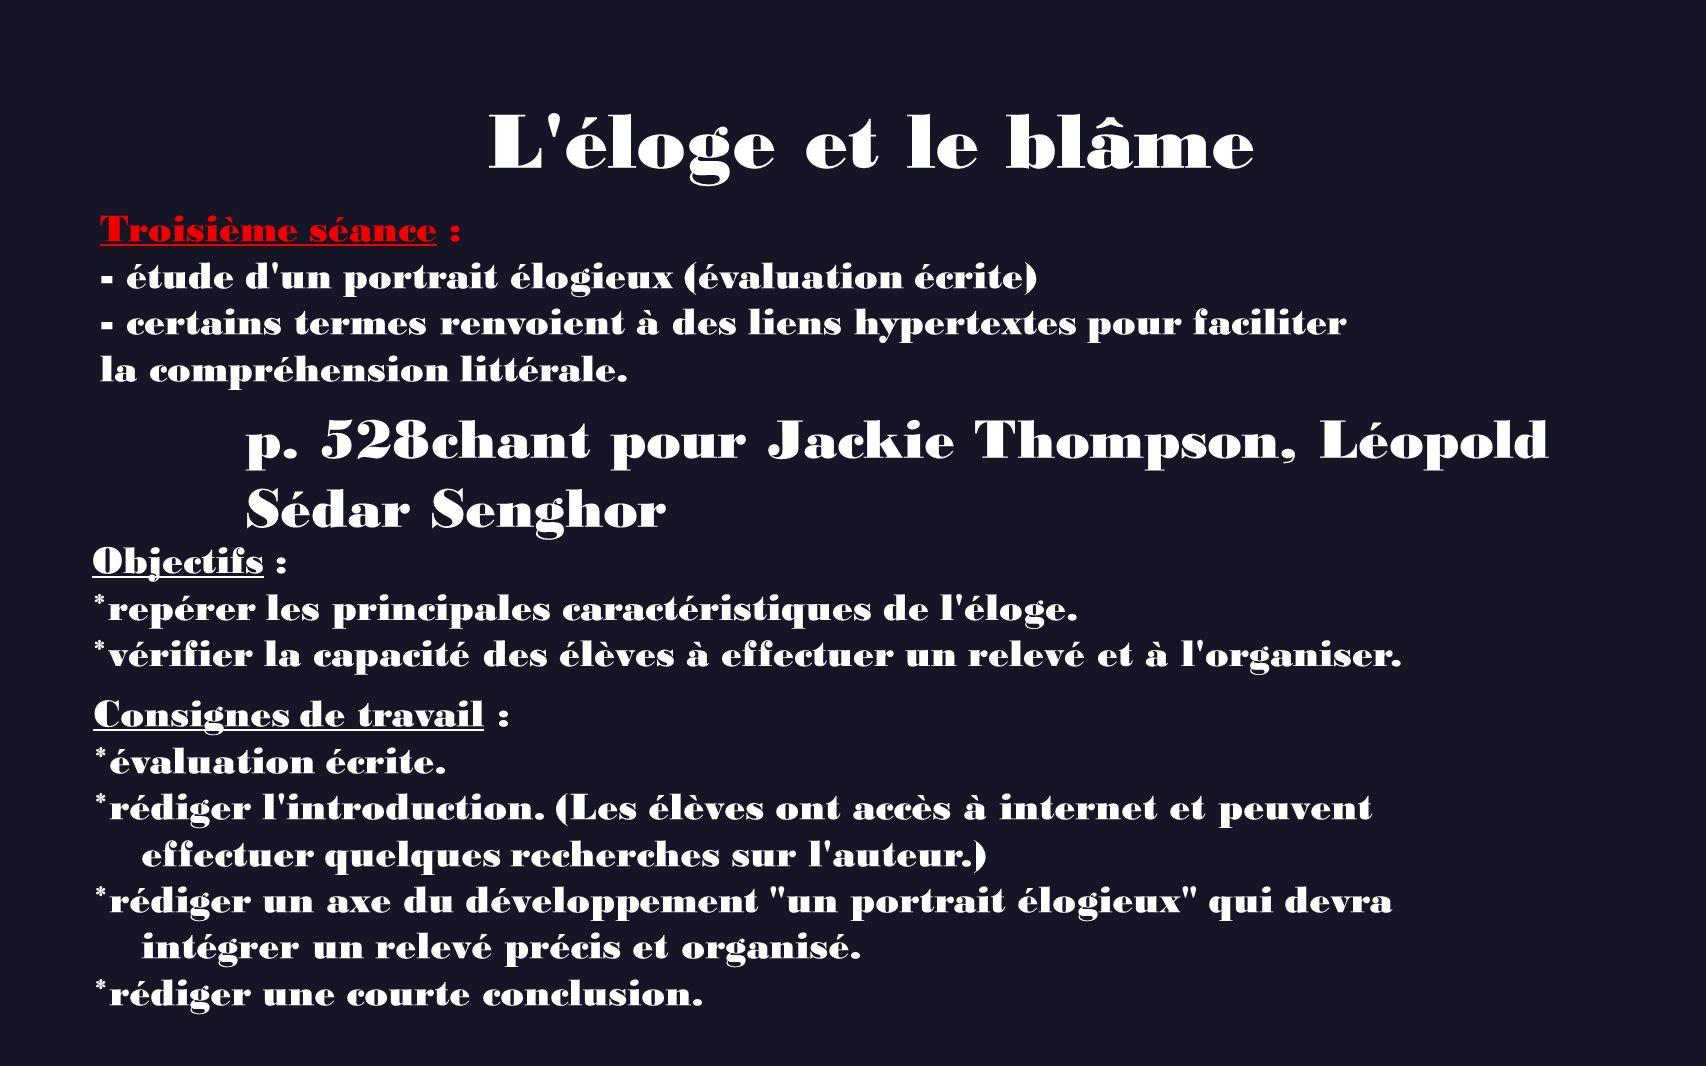 L éloge et le blâme p. 528 chant pour Jackie Thompson, Léopold